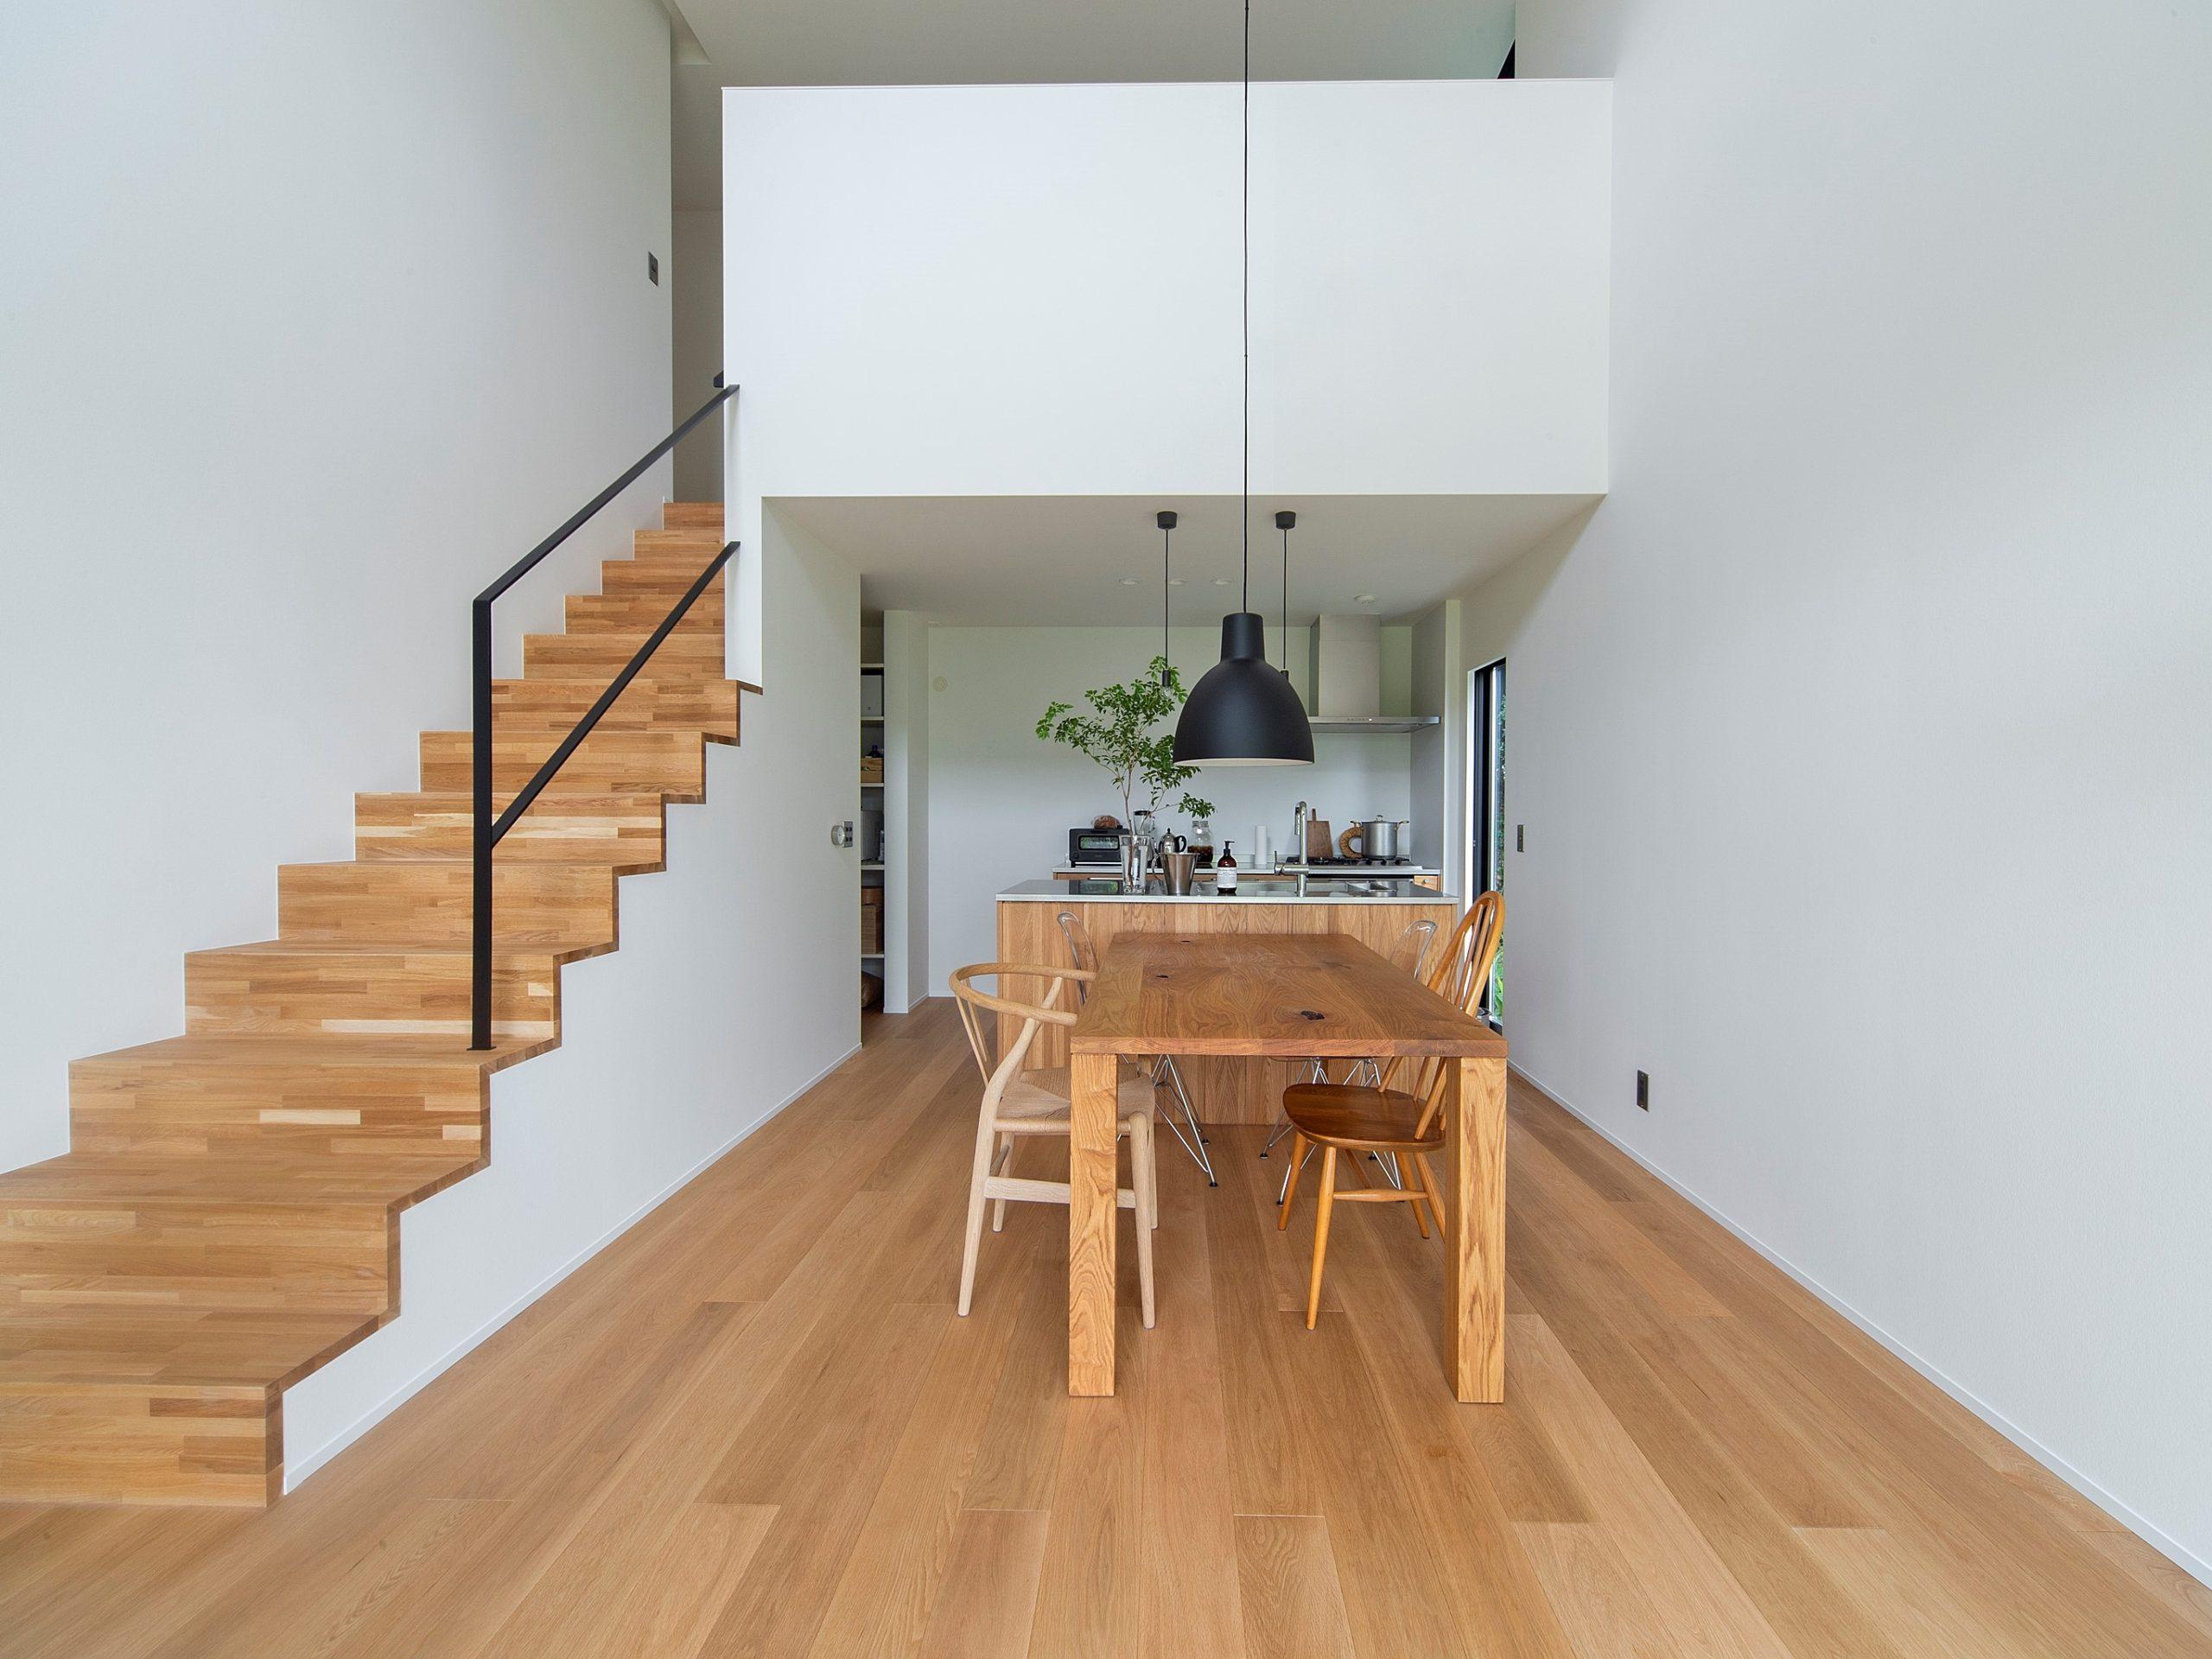 無垢のオークを使用したフロアと漆喰の壁でシンプルで心地よい空間を